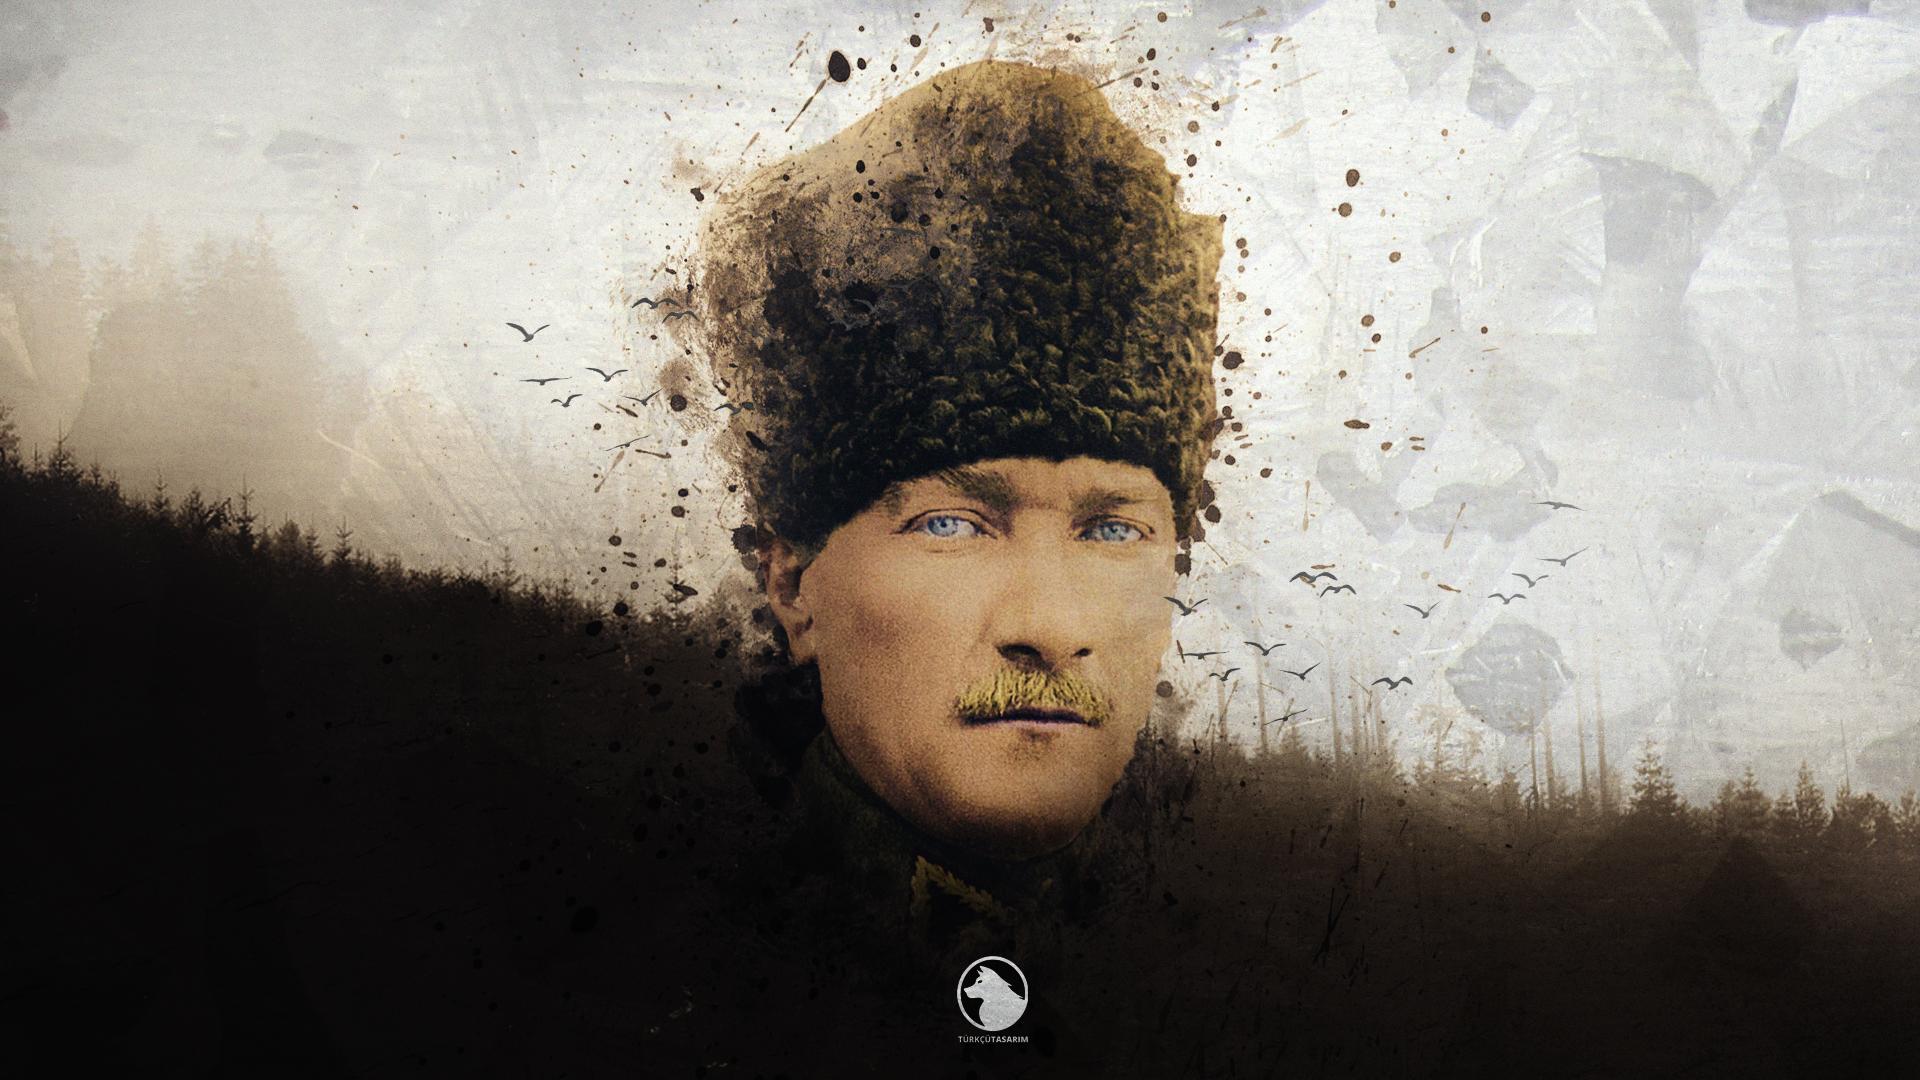 Ataturk Wallpaper Duvar Kagidi Full Hd Wallpaper Tasarim Turkcu Tasarim Cozunurluk 1920 1080 Kategori Ataturk Wallpaper Duvar Kagidi Duvar Populer Pinler